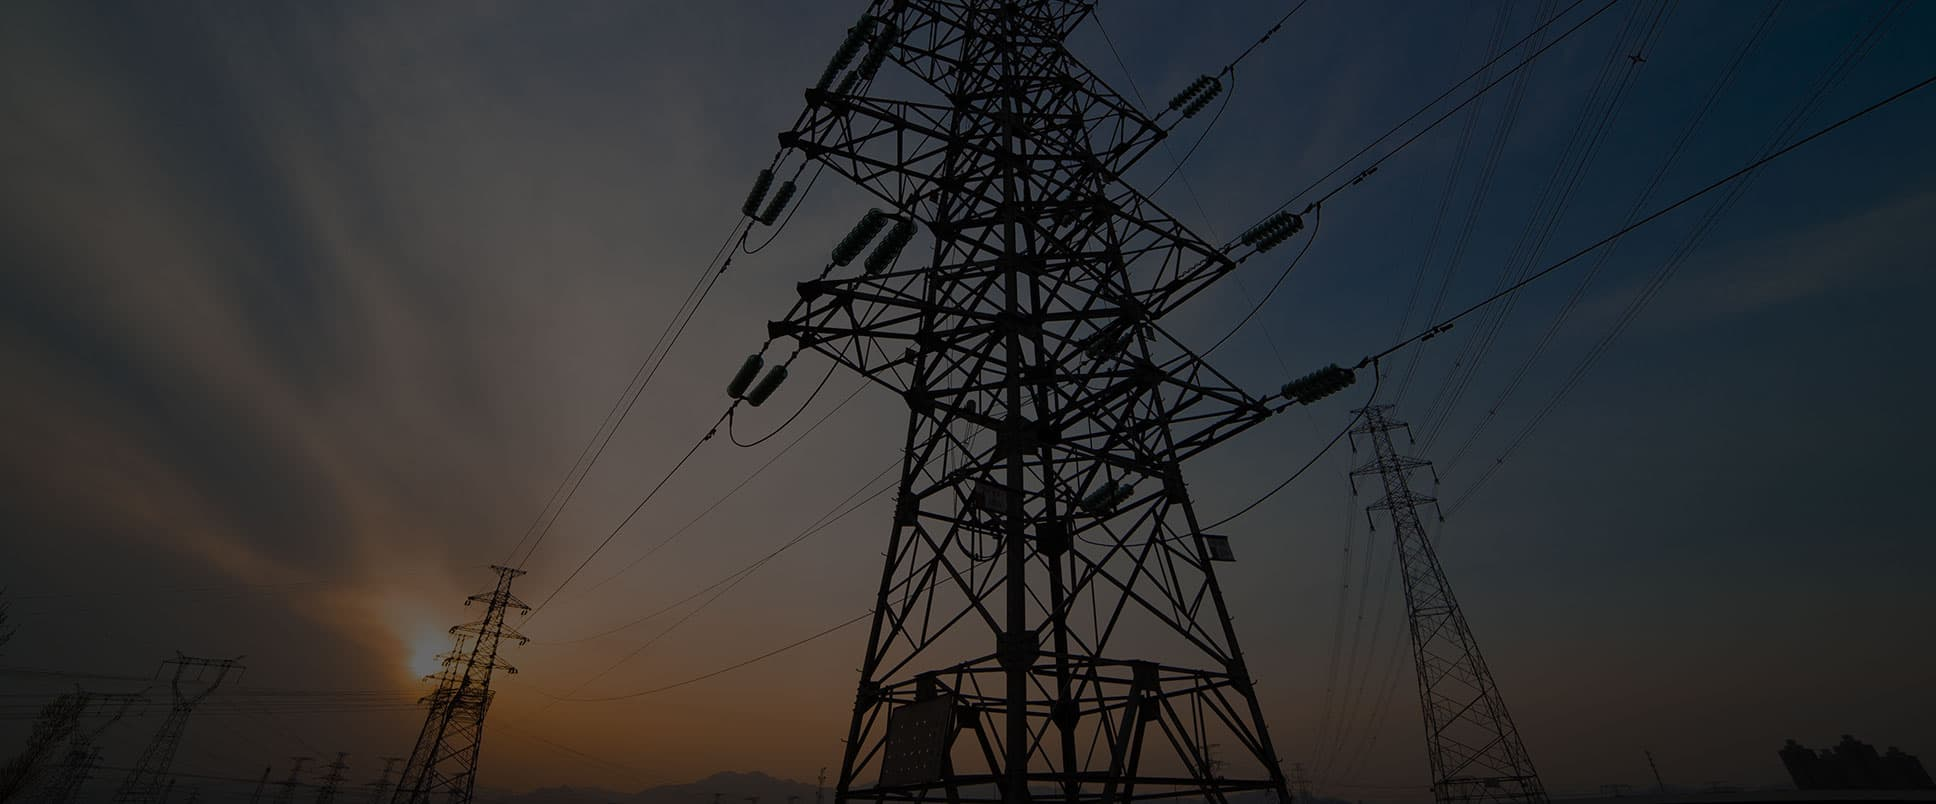 realizziamo impianti elettrici, di allarme e sicurezza, domotici e di automazione